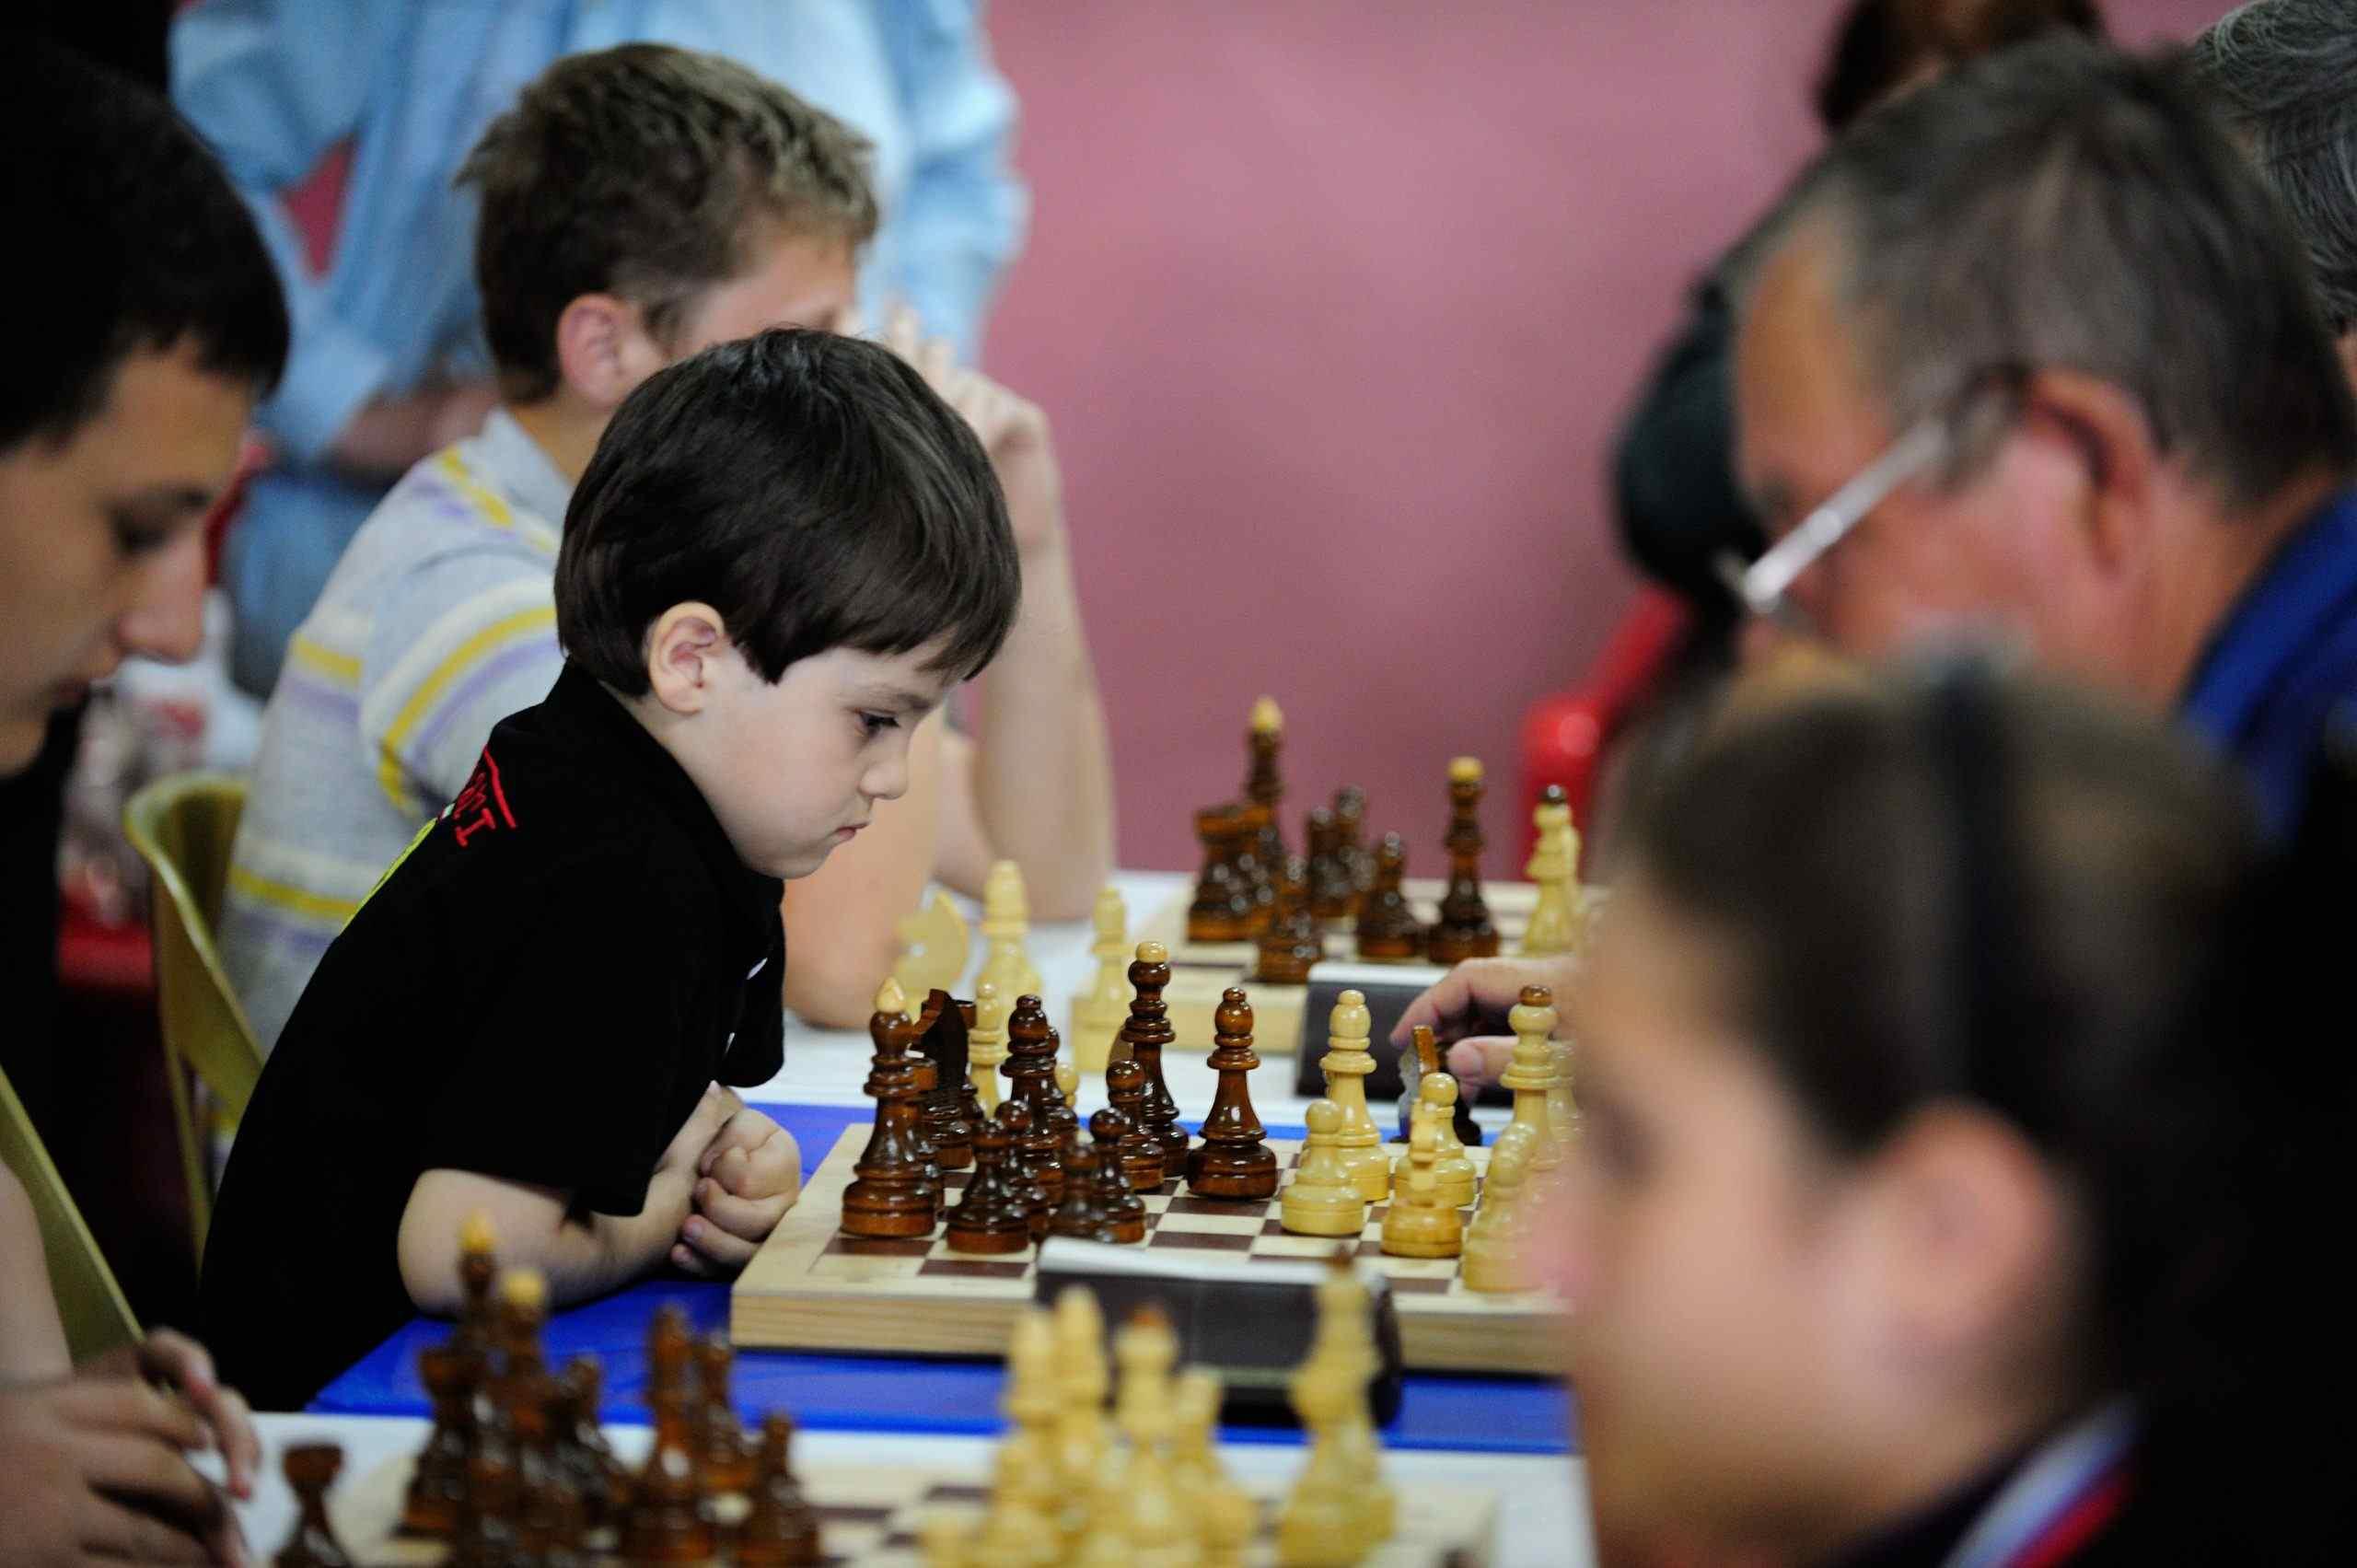 Юные шахматисты Новороссийска победили во Всероссийском турнире